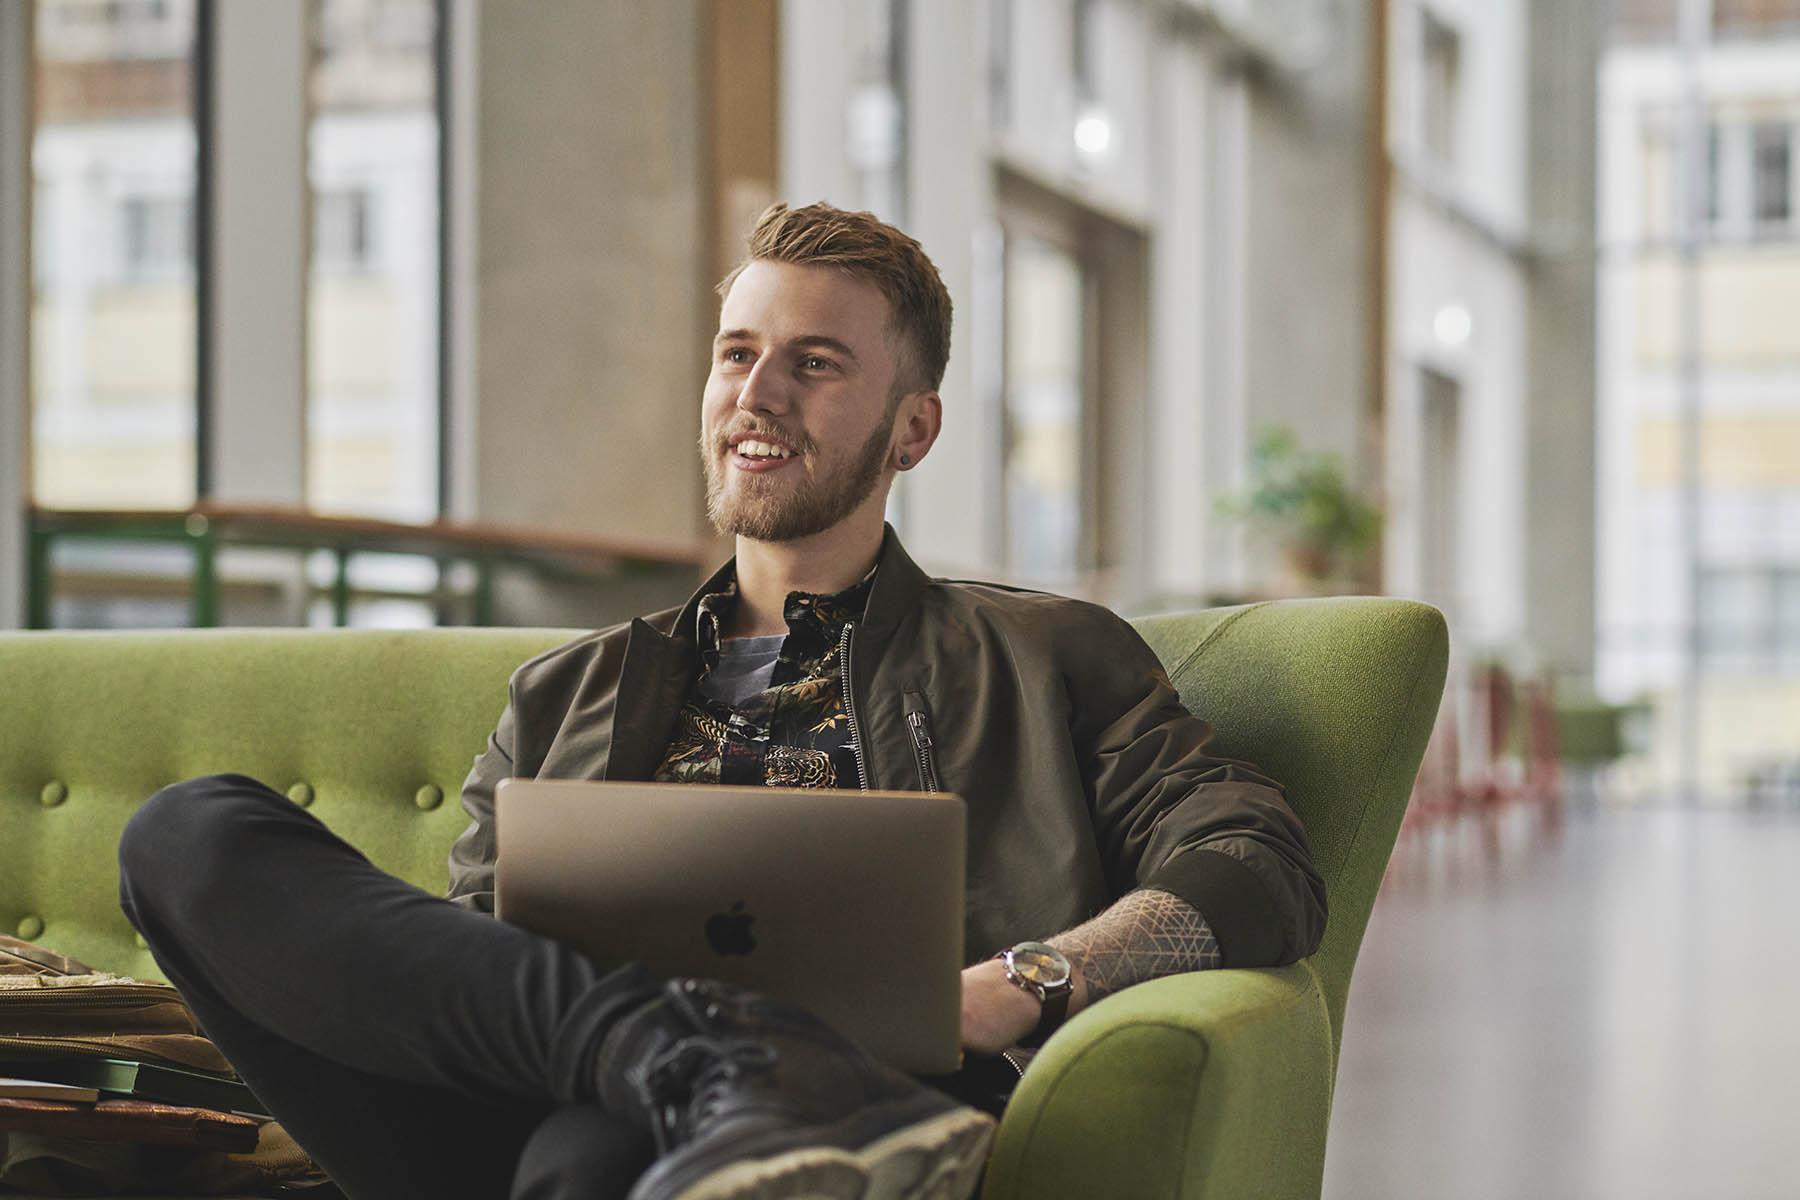 Administrationsøkonom på Københavns Professionshøjskole - fyr sidder i sofa